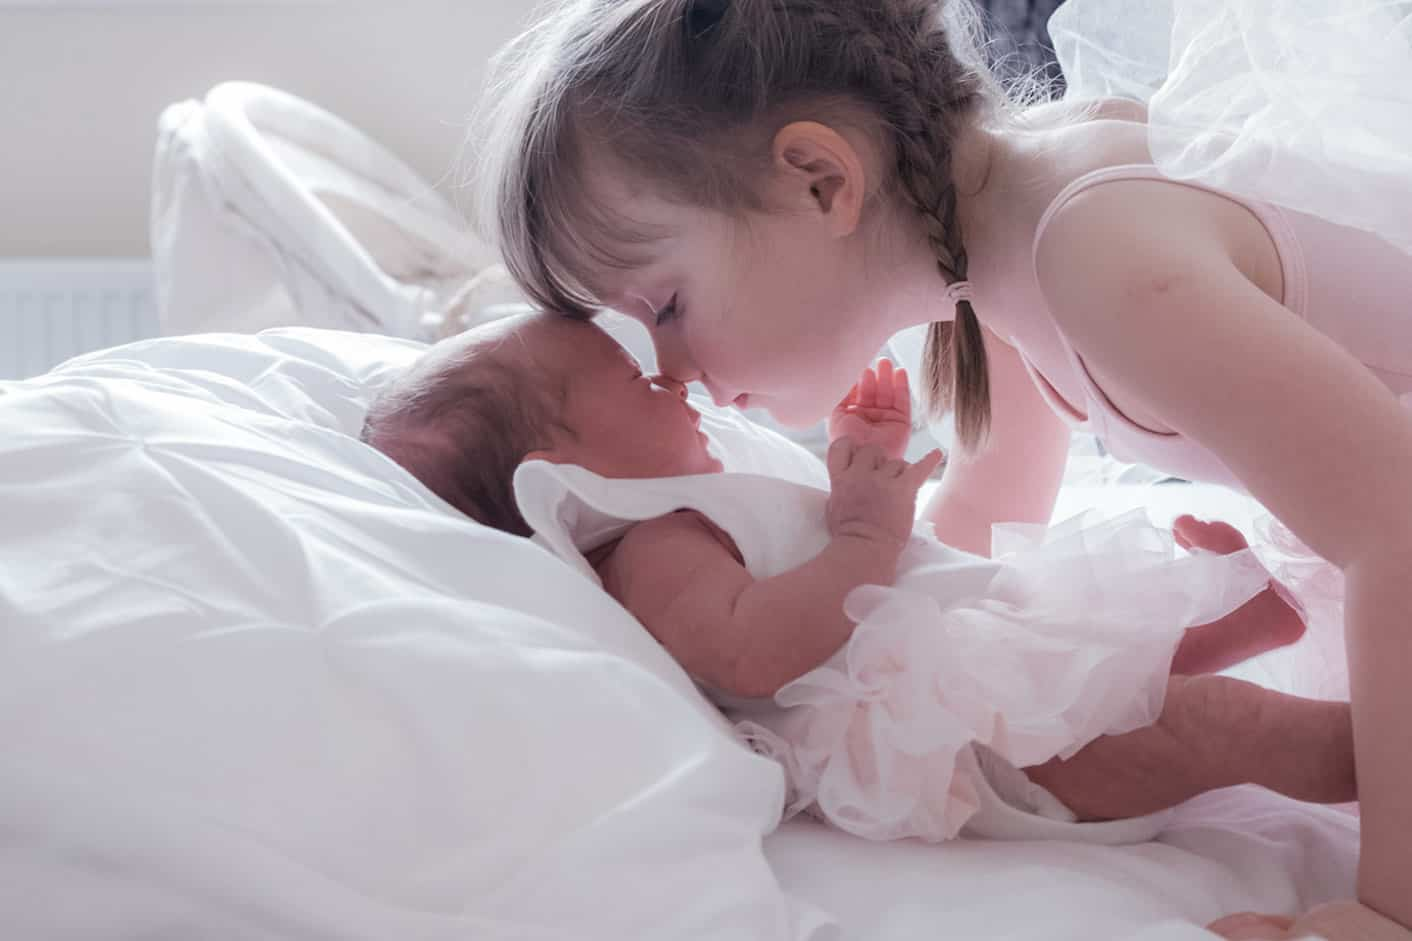 Home or studio newborn photo session. 4